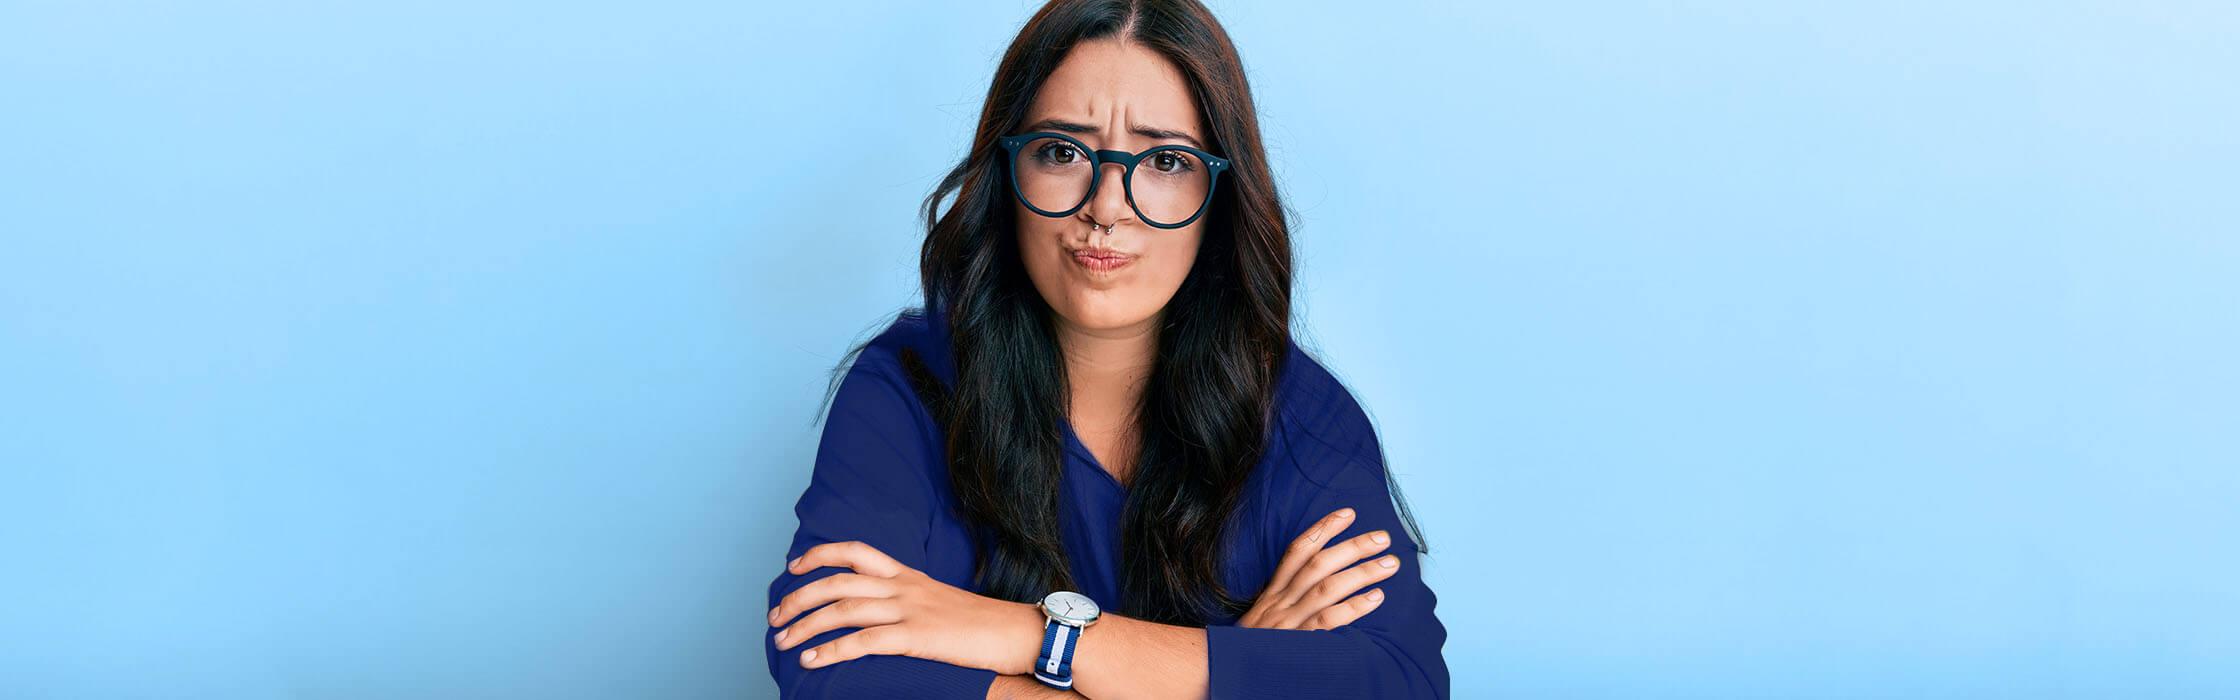 Vrouw met een bril en een angstige blik